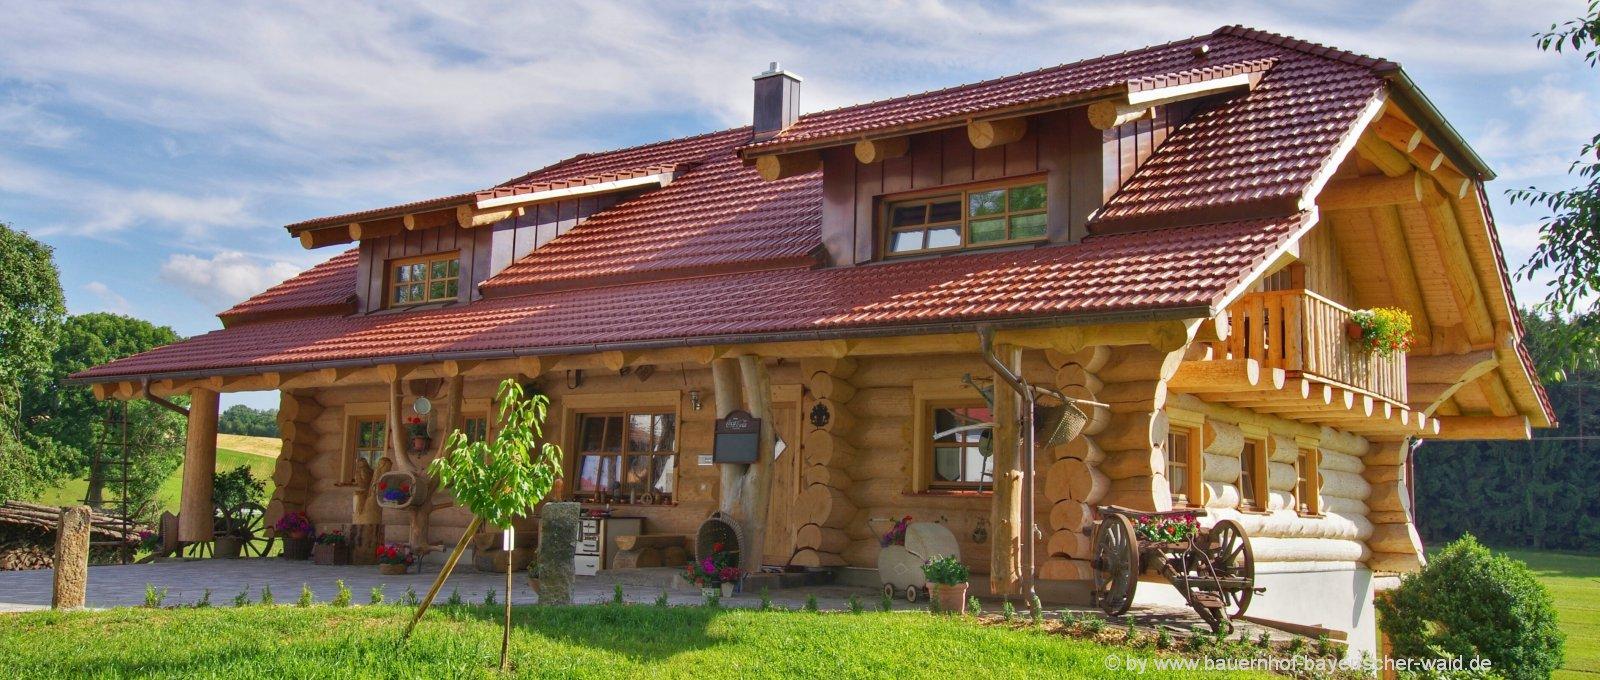 bayern bernachtung auf dem bauernhof bayerischer wald deutschland. Black Bedroom Furniture Sets. Home Design Ideas